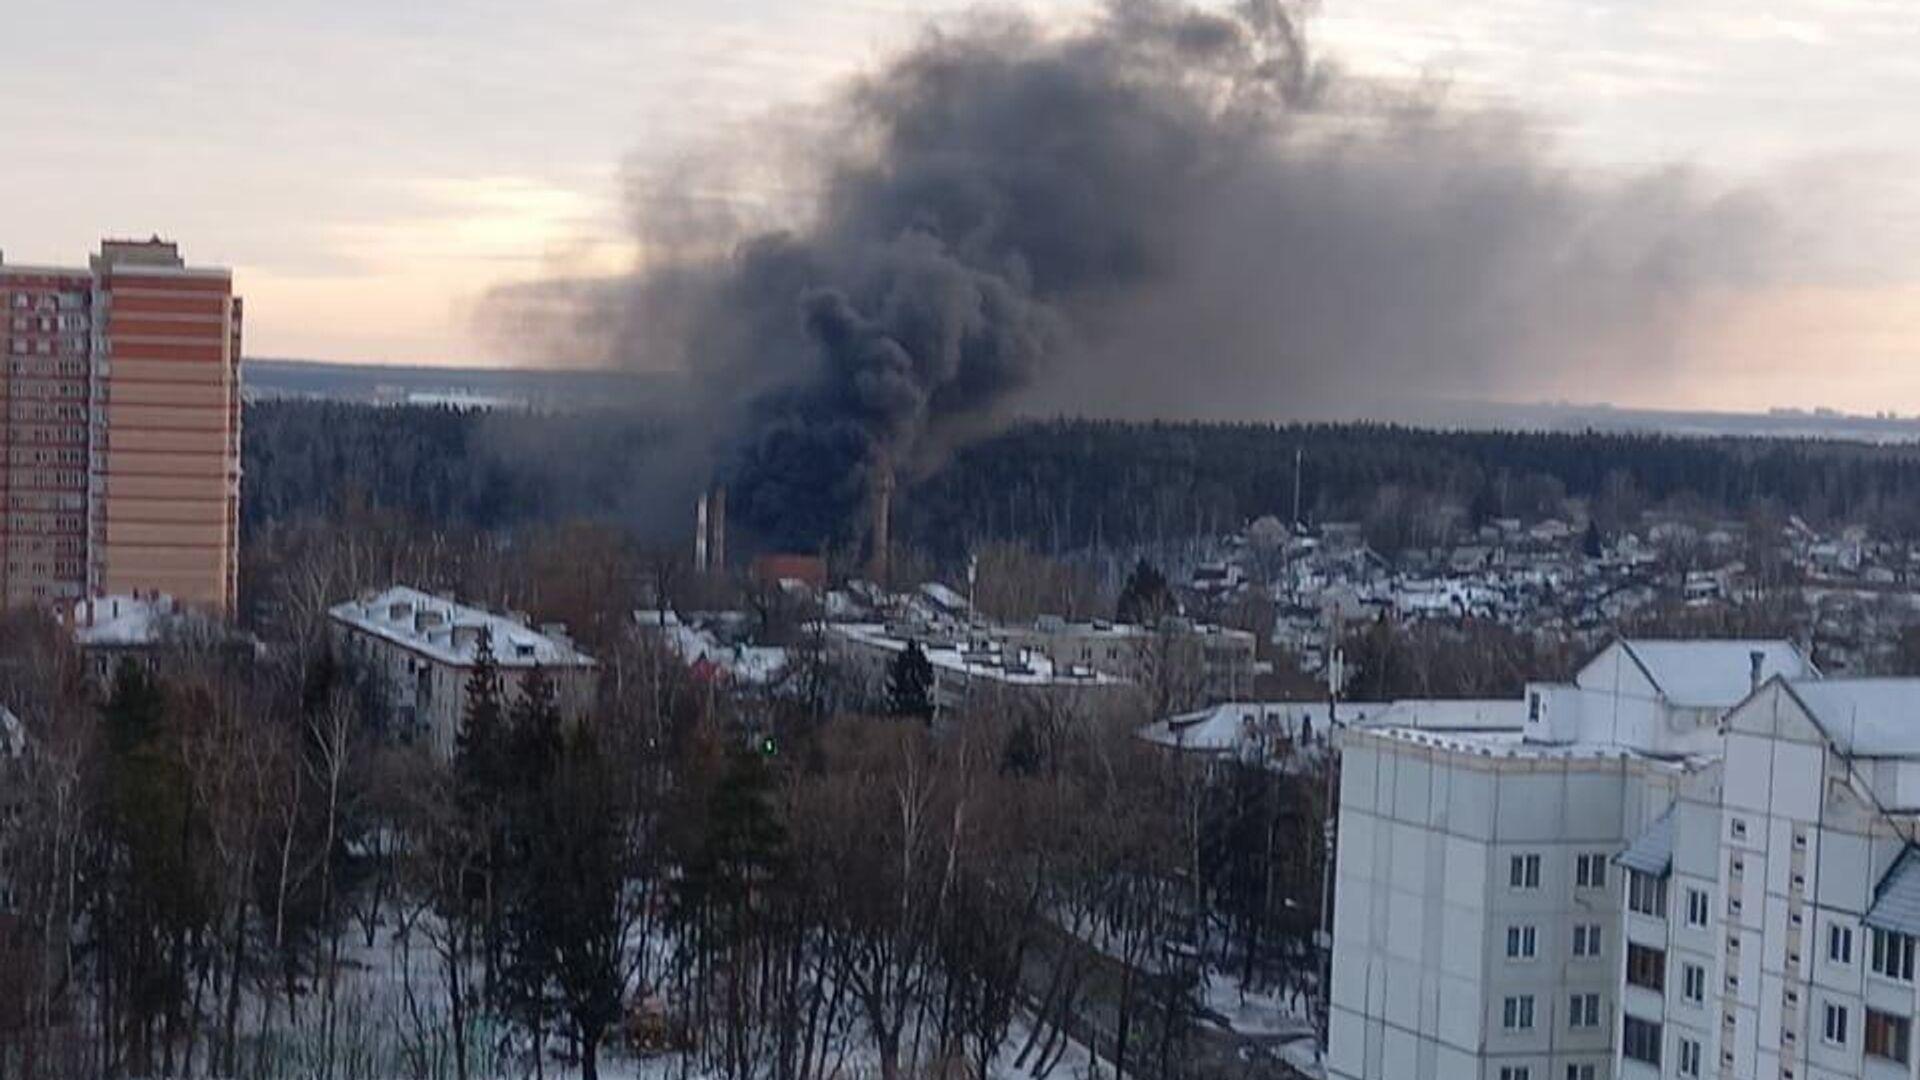 Пожар на стекольном заводе в Химках - РИА Новости, 1920, 22.03.2021